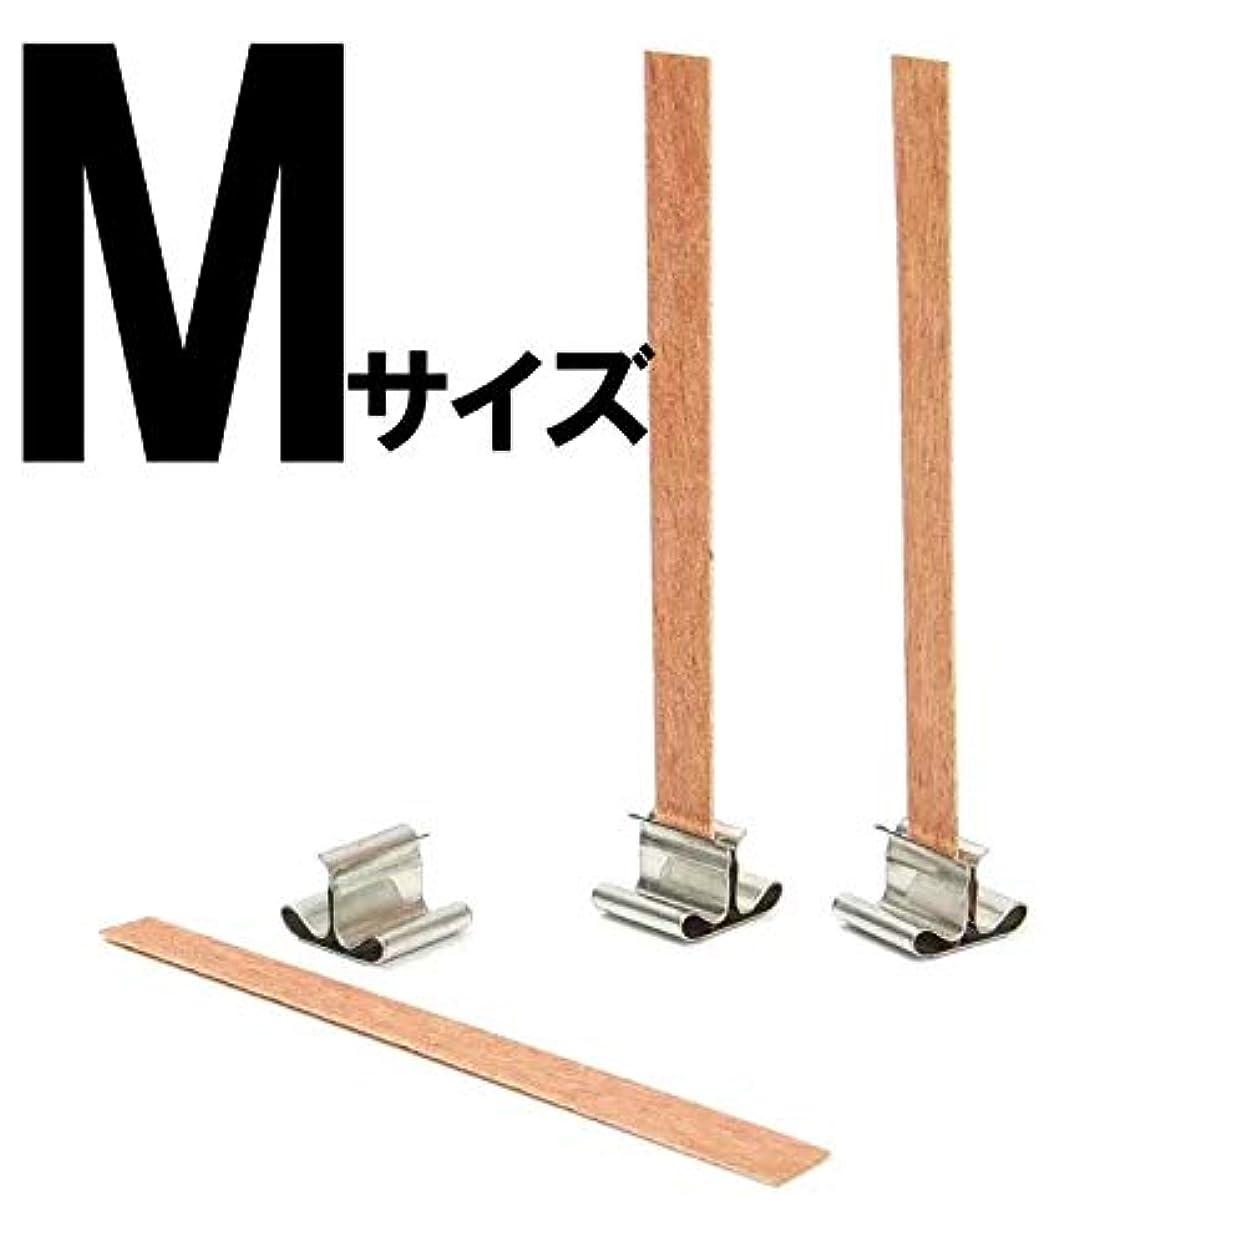 遮る母音ホールドキャンドル用 木芯 ウッドウィック 座金付き Mサイズ (5本セット)